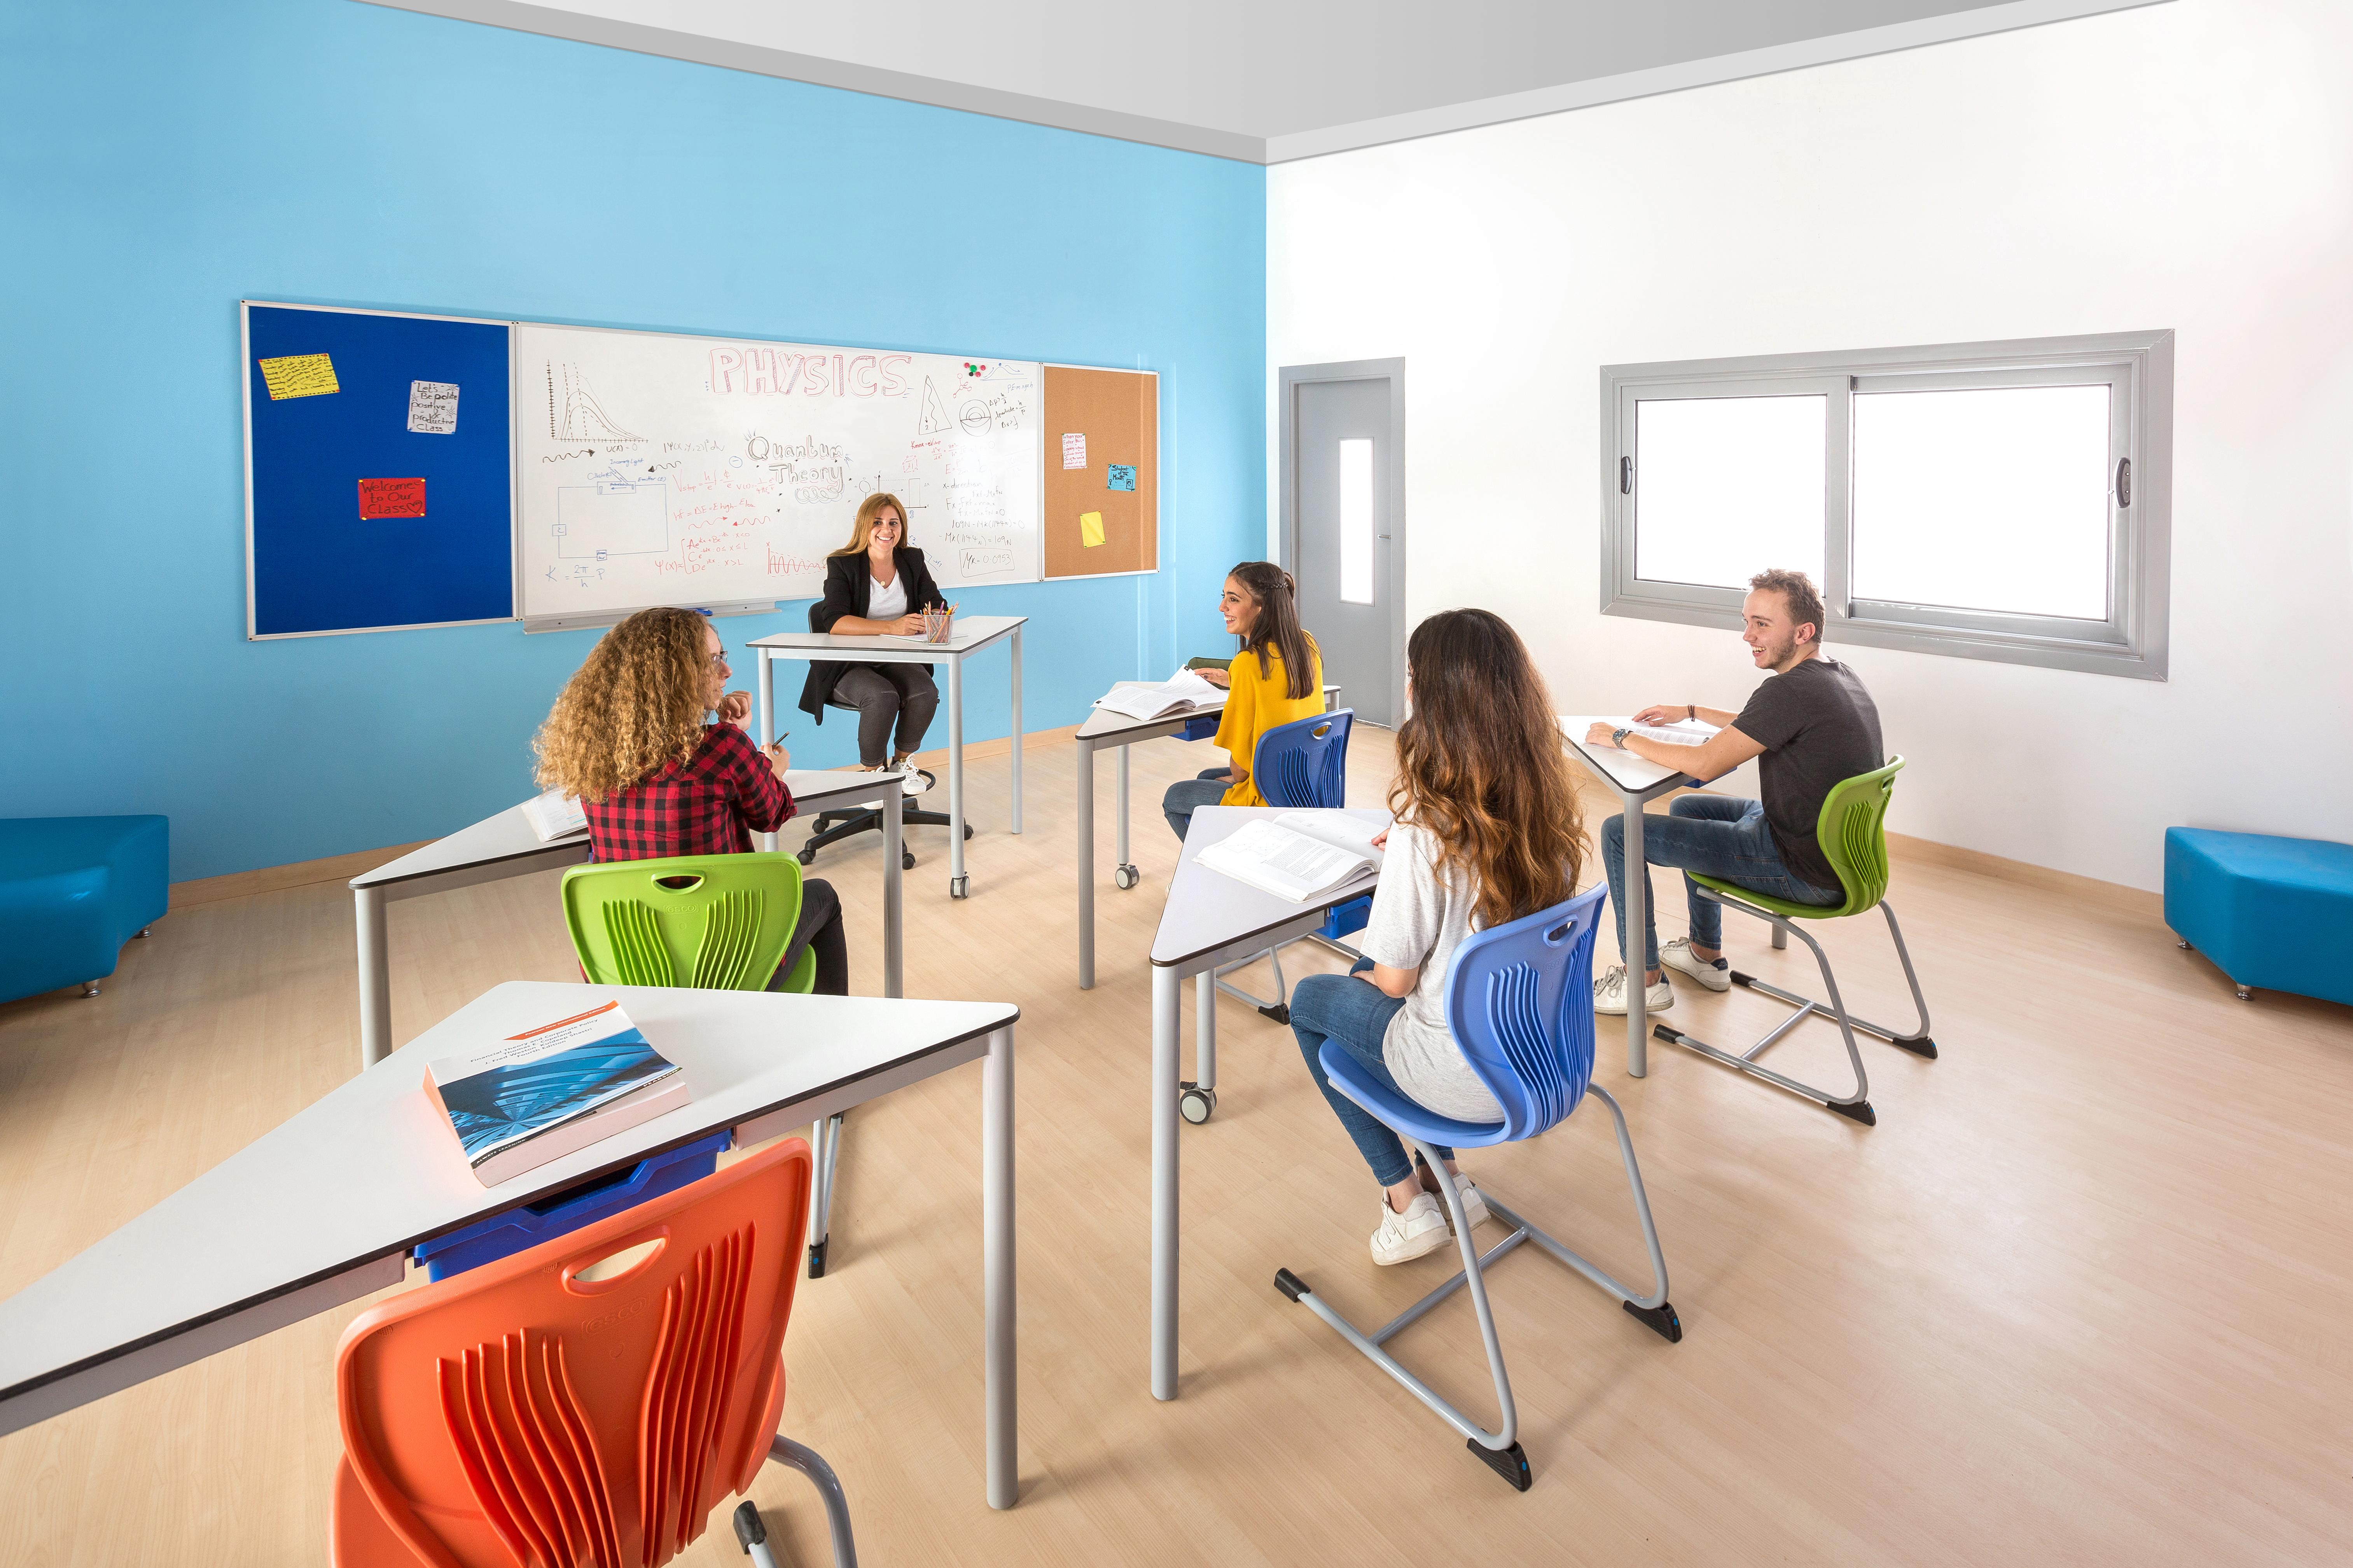 Kamštinės ir magnetinės mokyklinės lentos | ESCo baldai | studyfurniture.eu